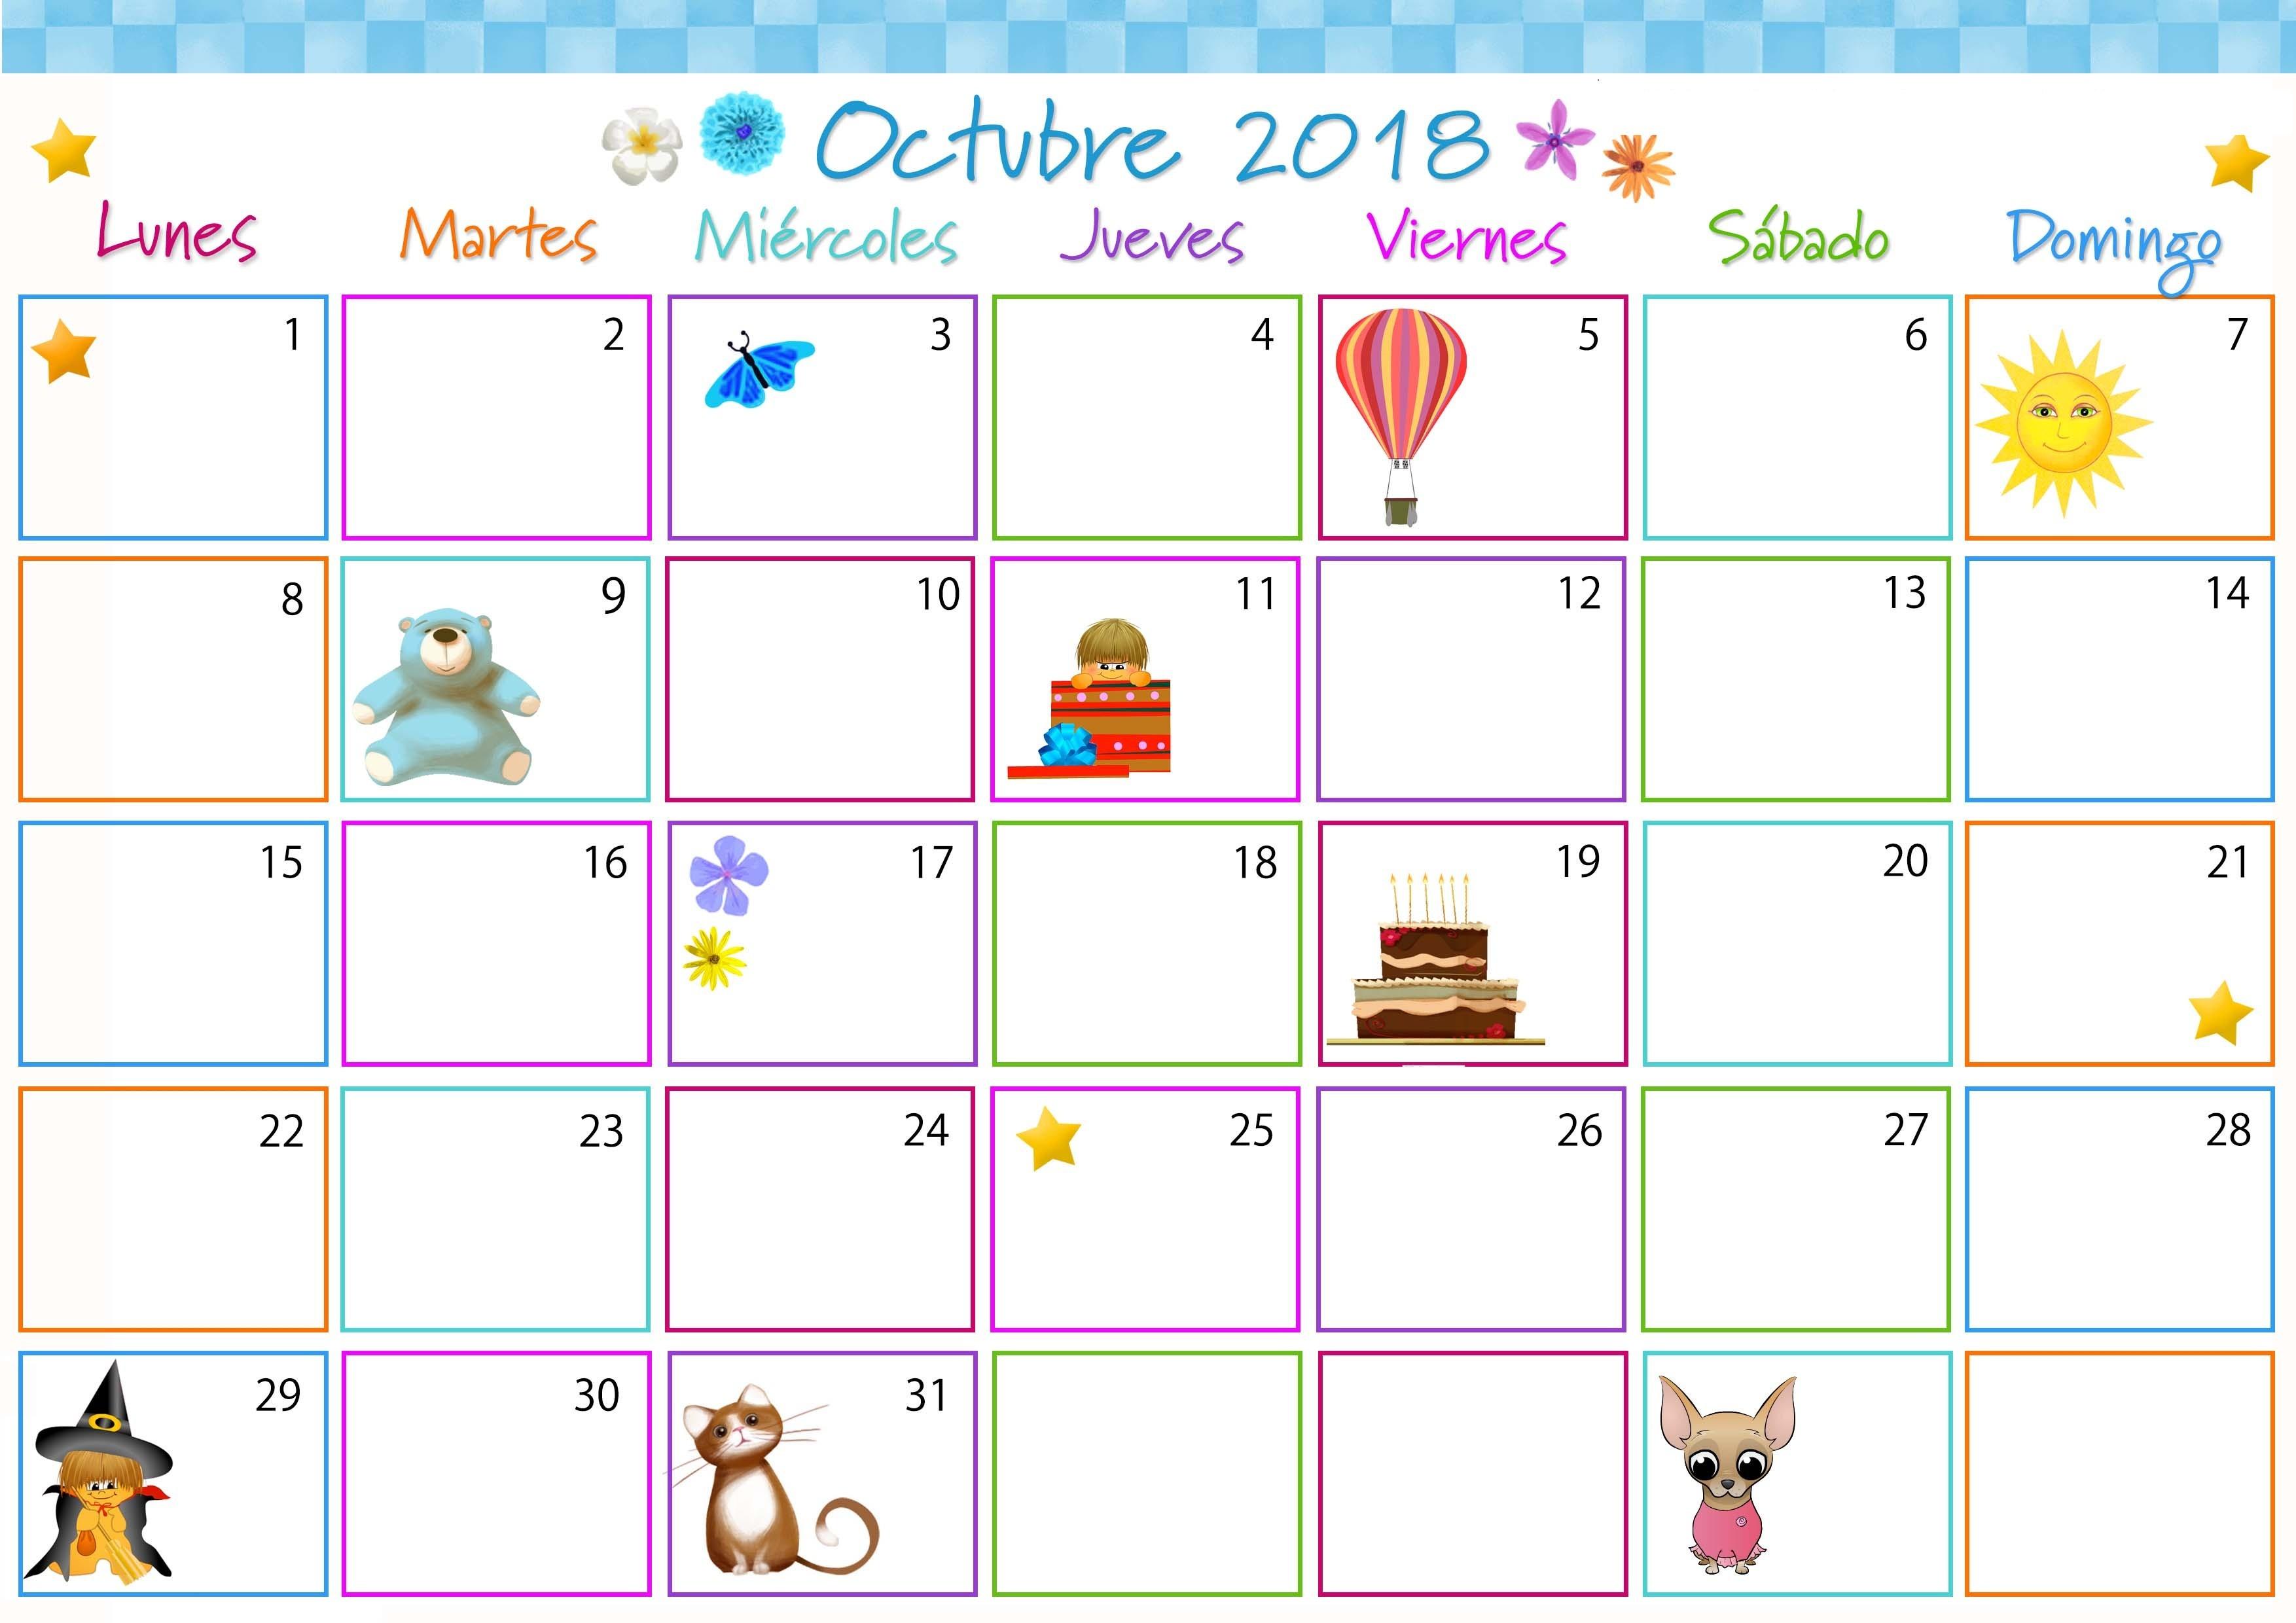 I Calendario Imprimir Más Populares Calendario Octubre 2018 Para Imprimir Gratis Of I Calendario Imprimir Más Arriba-a-fecha Index Of Print Calendario Mensual 1 2017